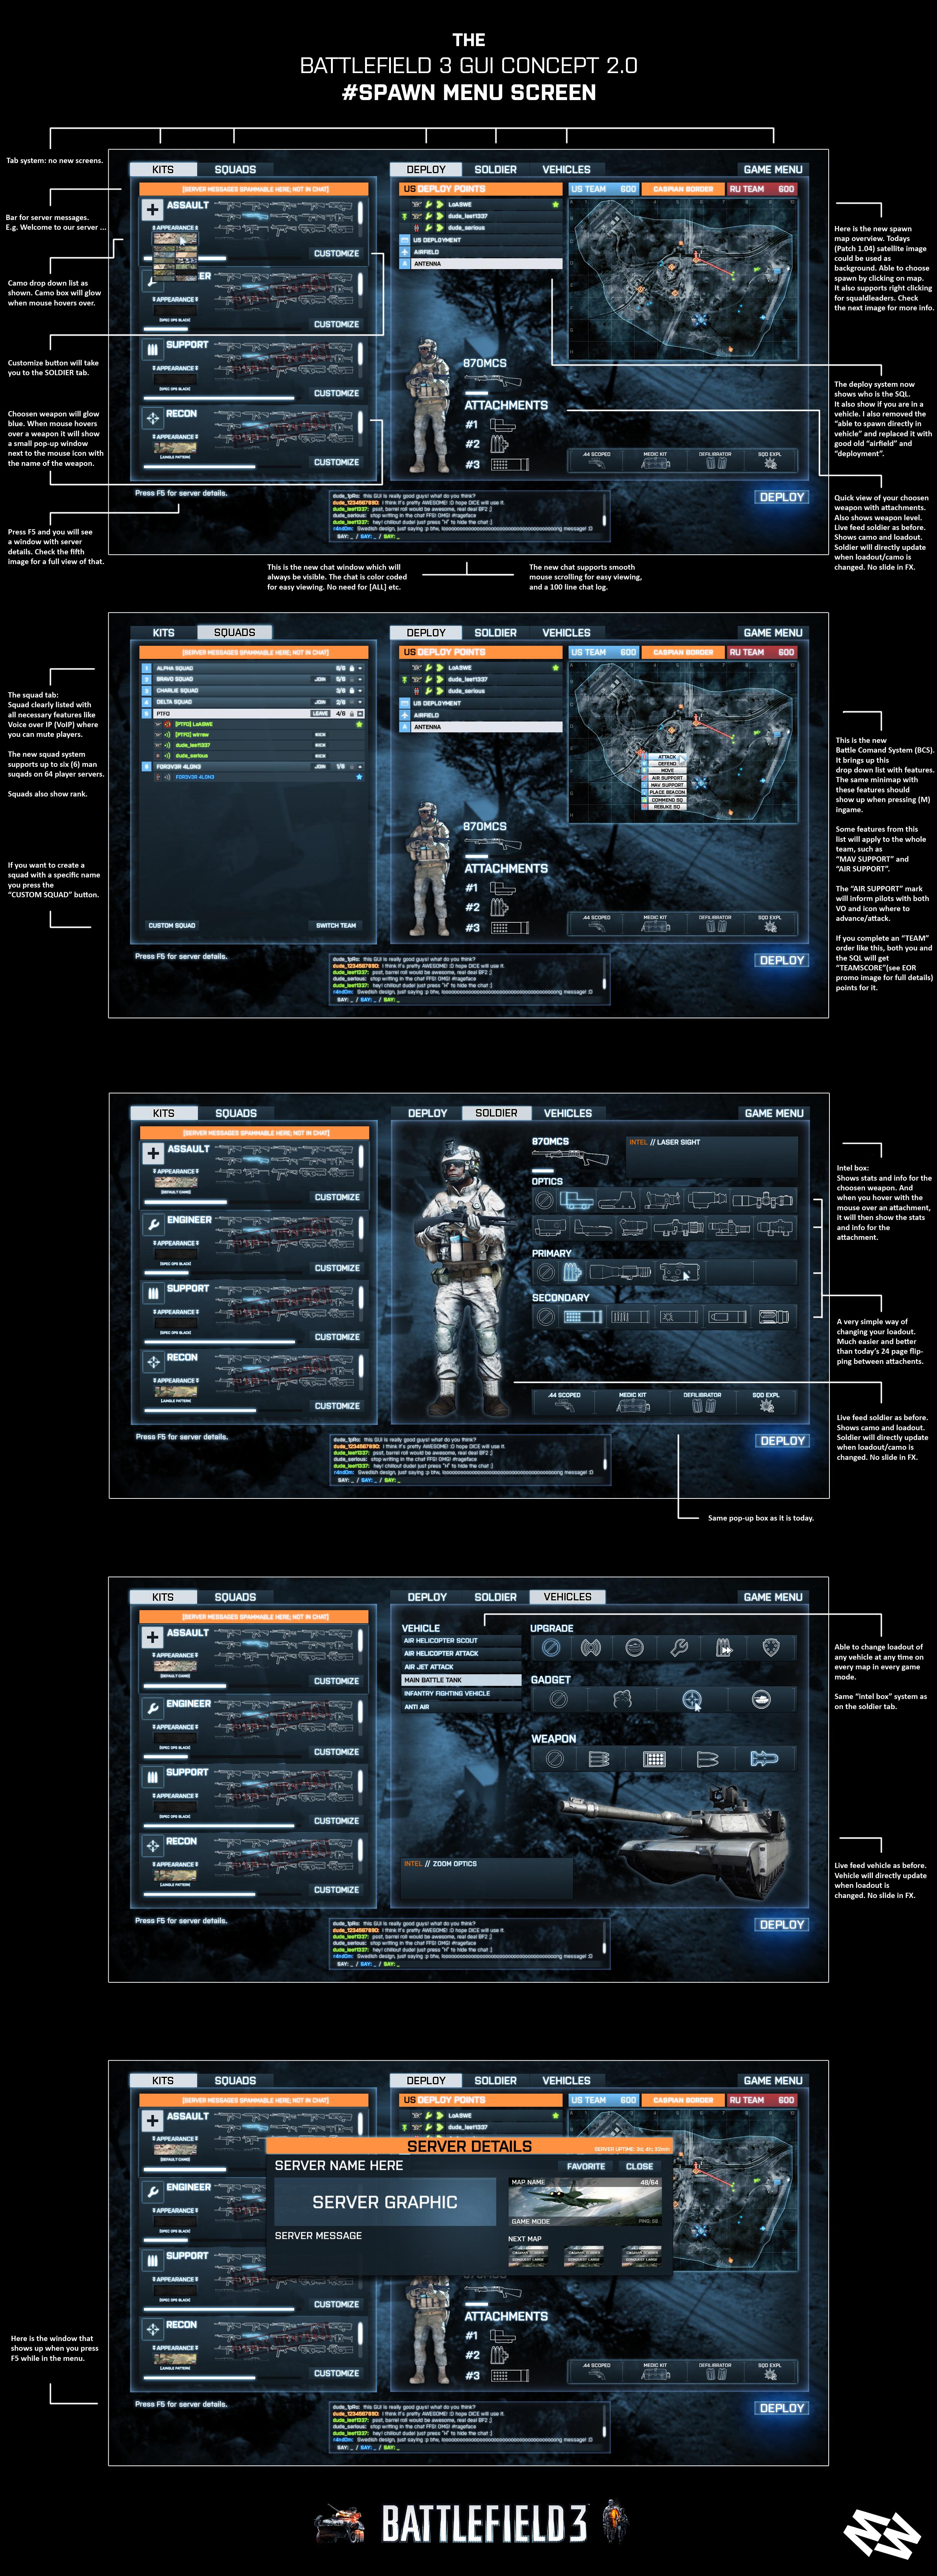 Battlefield 3 #SPAWN MENU SCREEN by wirrew